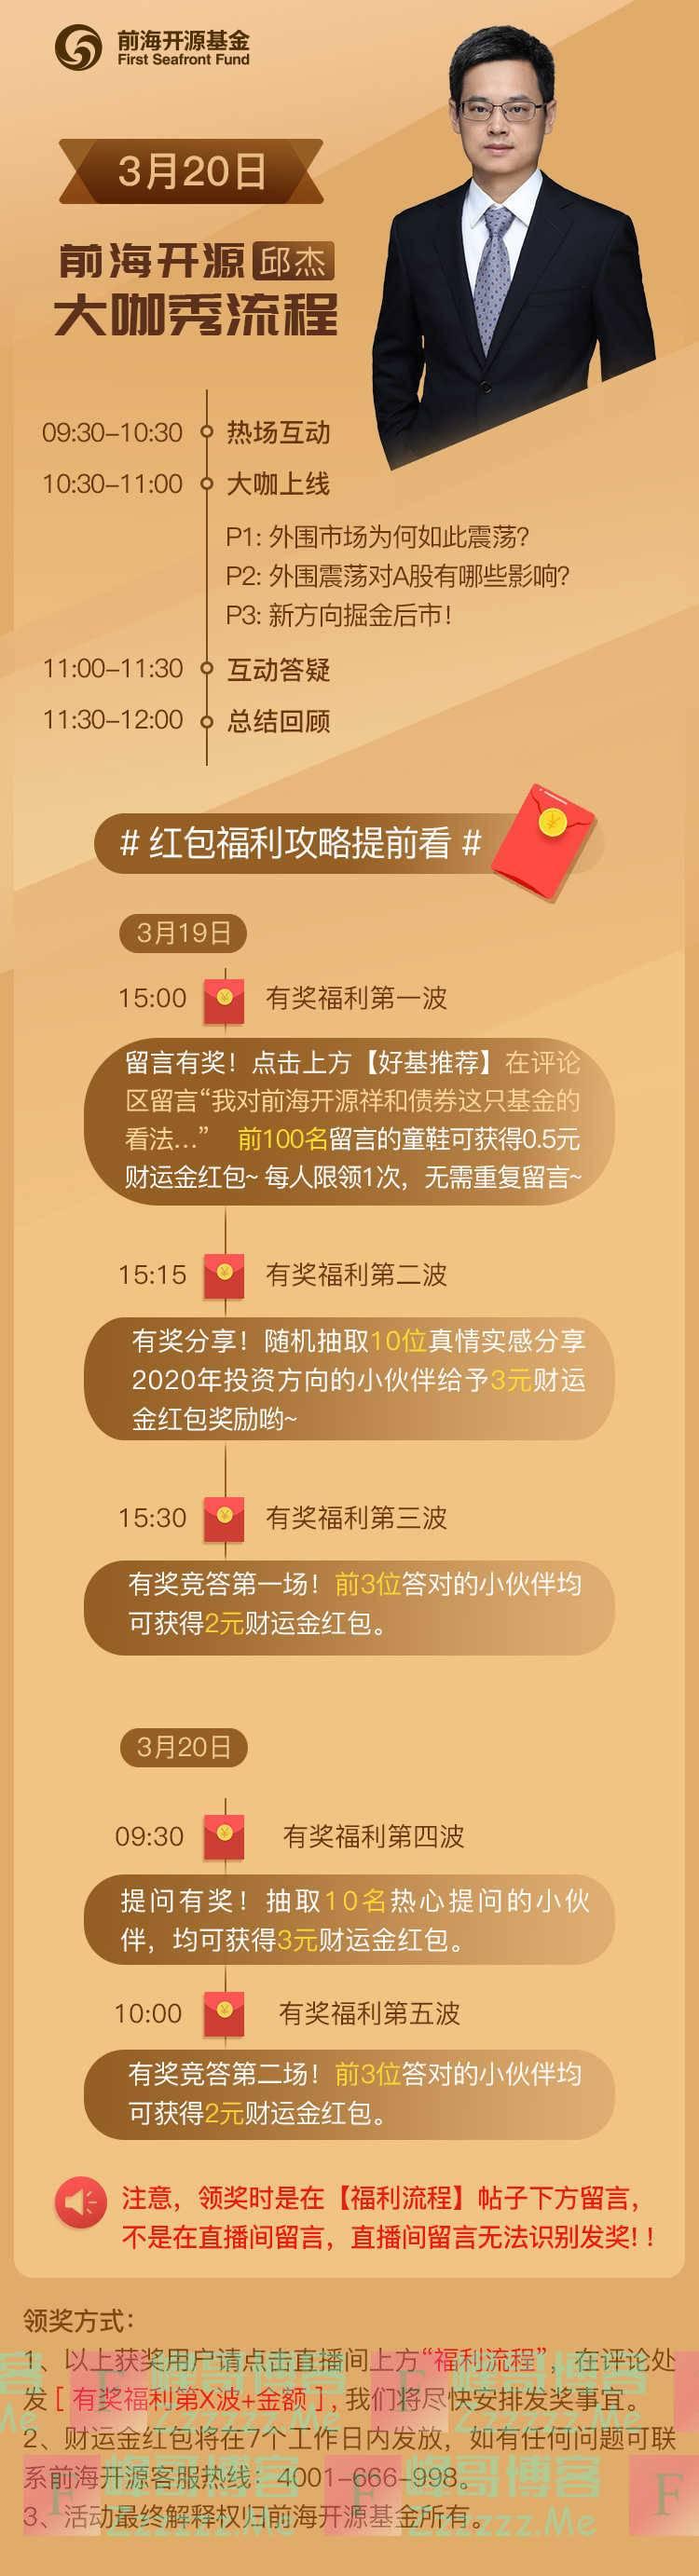 前海开源基金五波有奖福利(截止3月20日)